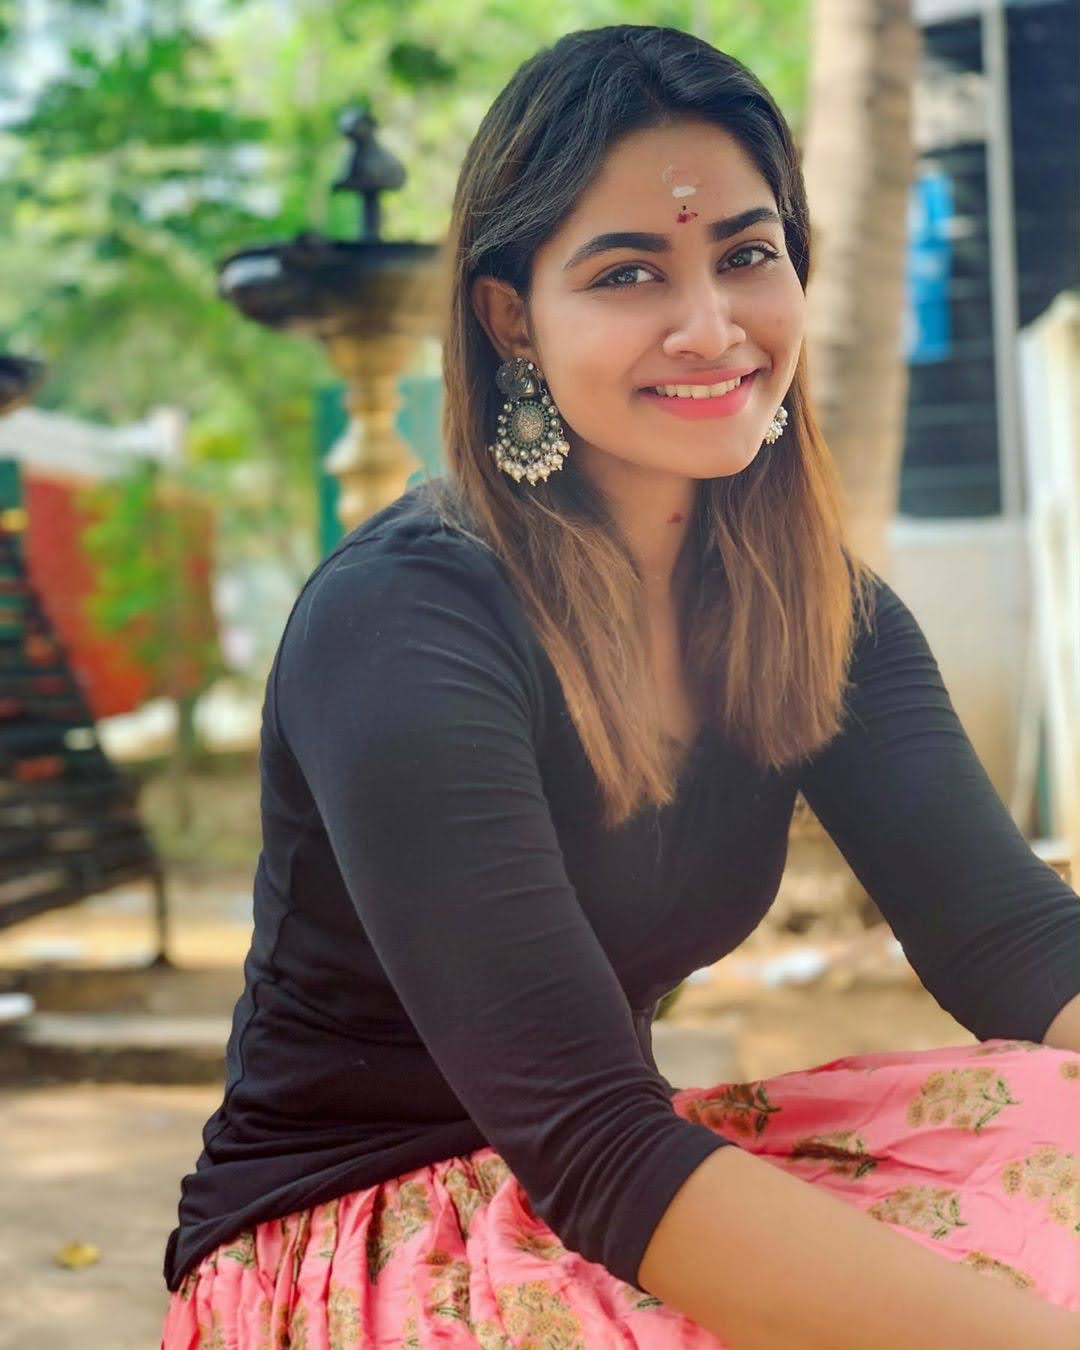 shivani_narayanan_515113234